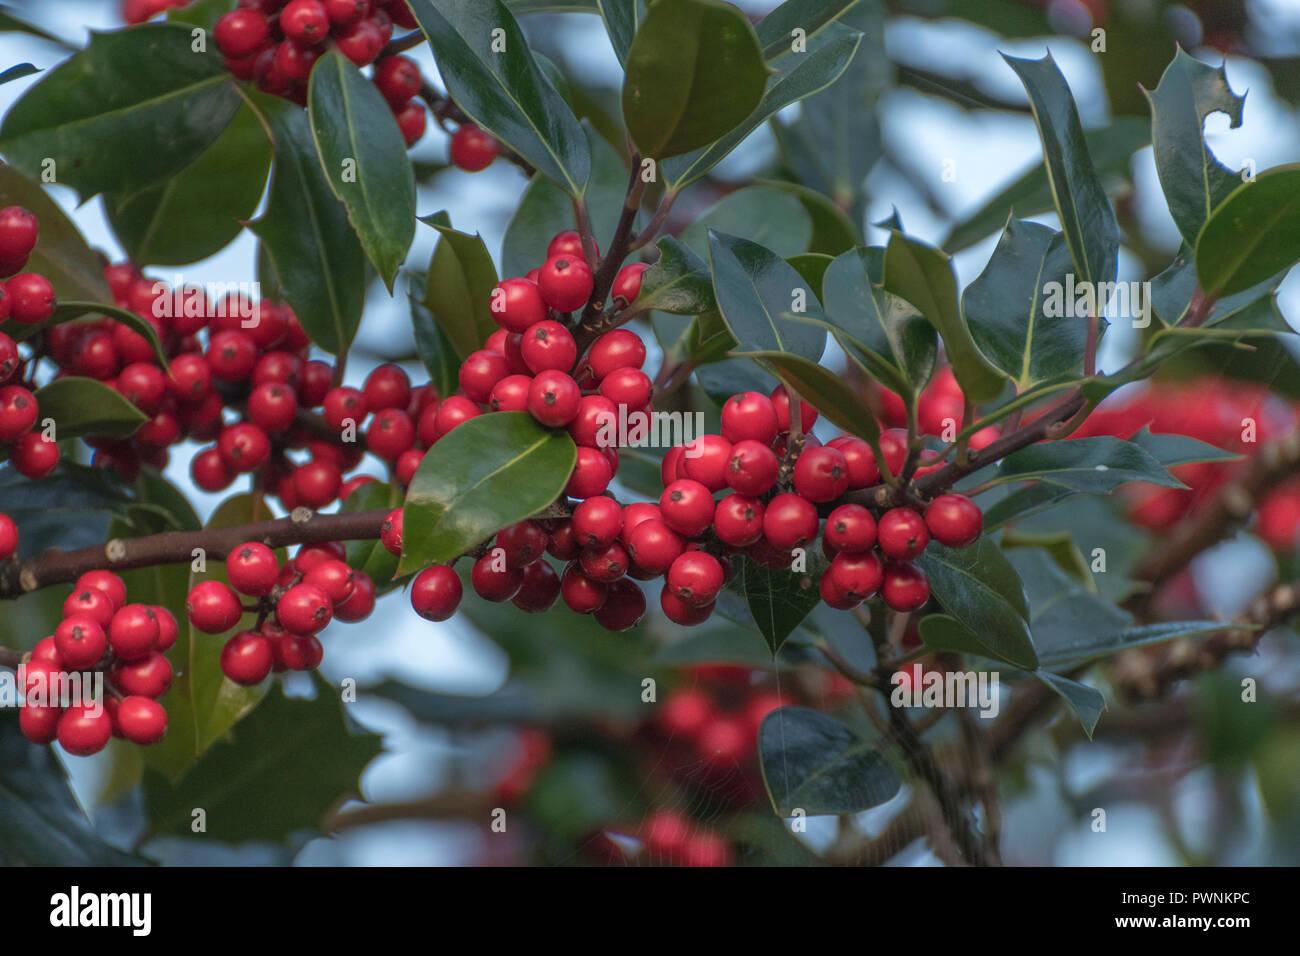 Berühmt Stechpalme/Ilex aquifolium Baum Hecke, mit roten Beeren in den @PE_91